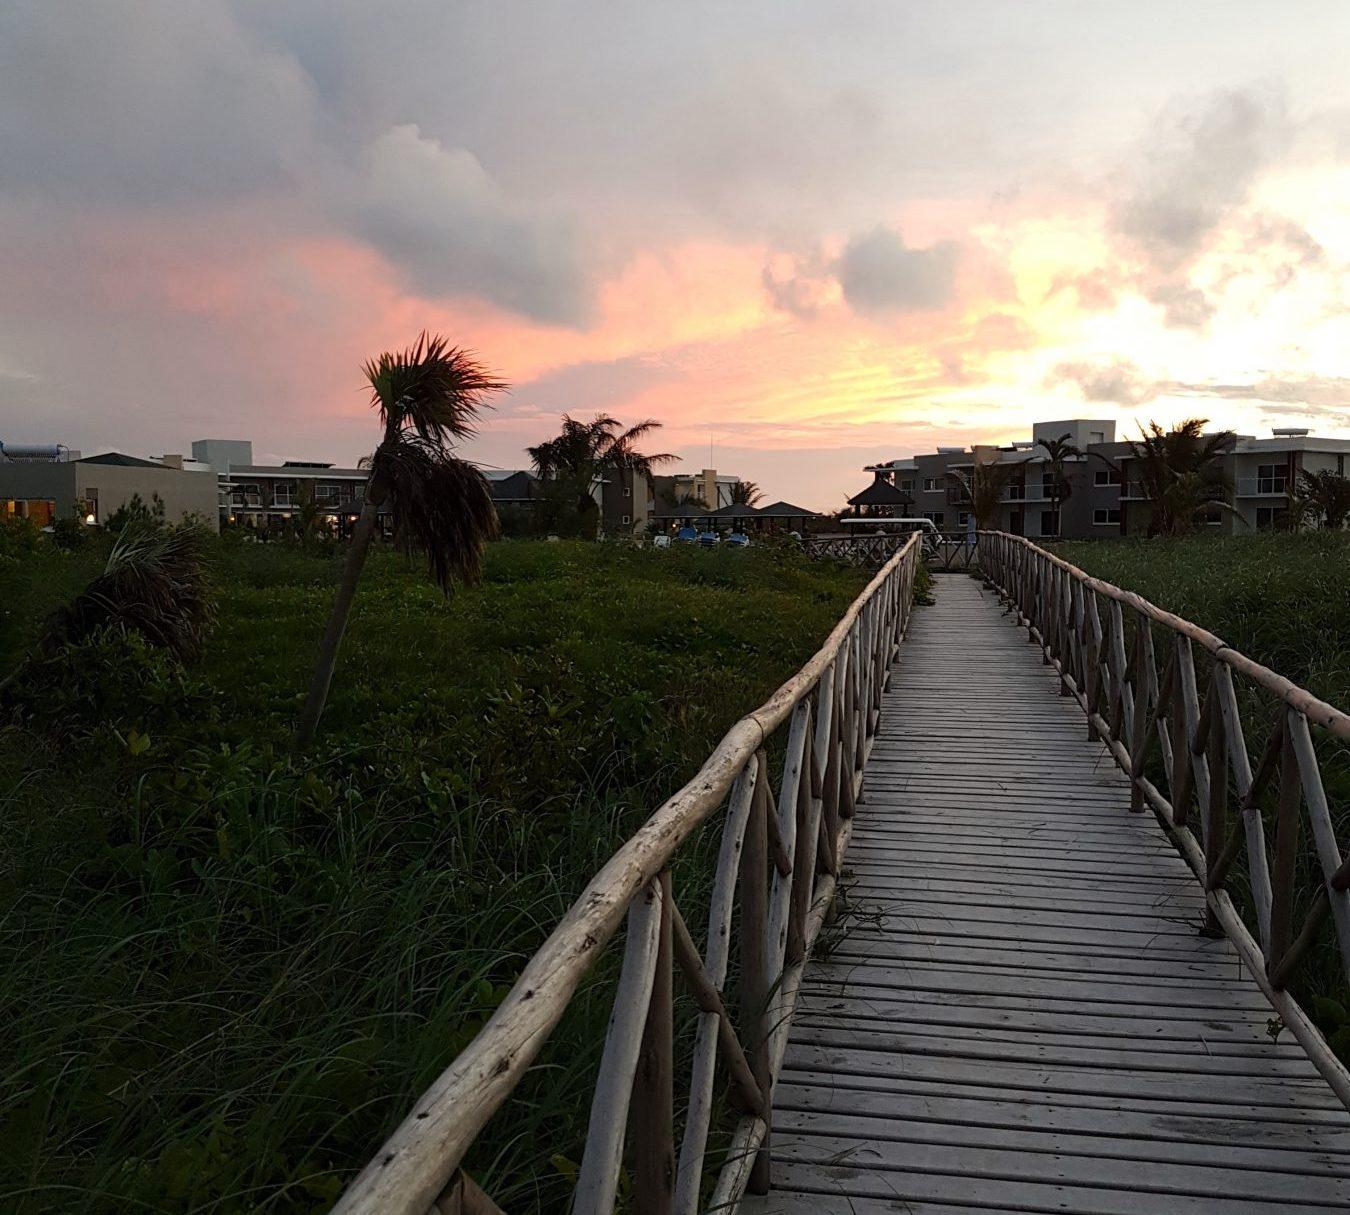 Cuba après Irma, coucher de soleil